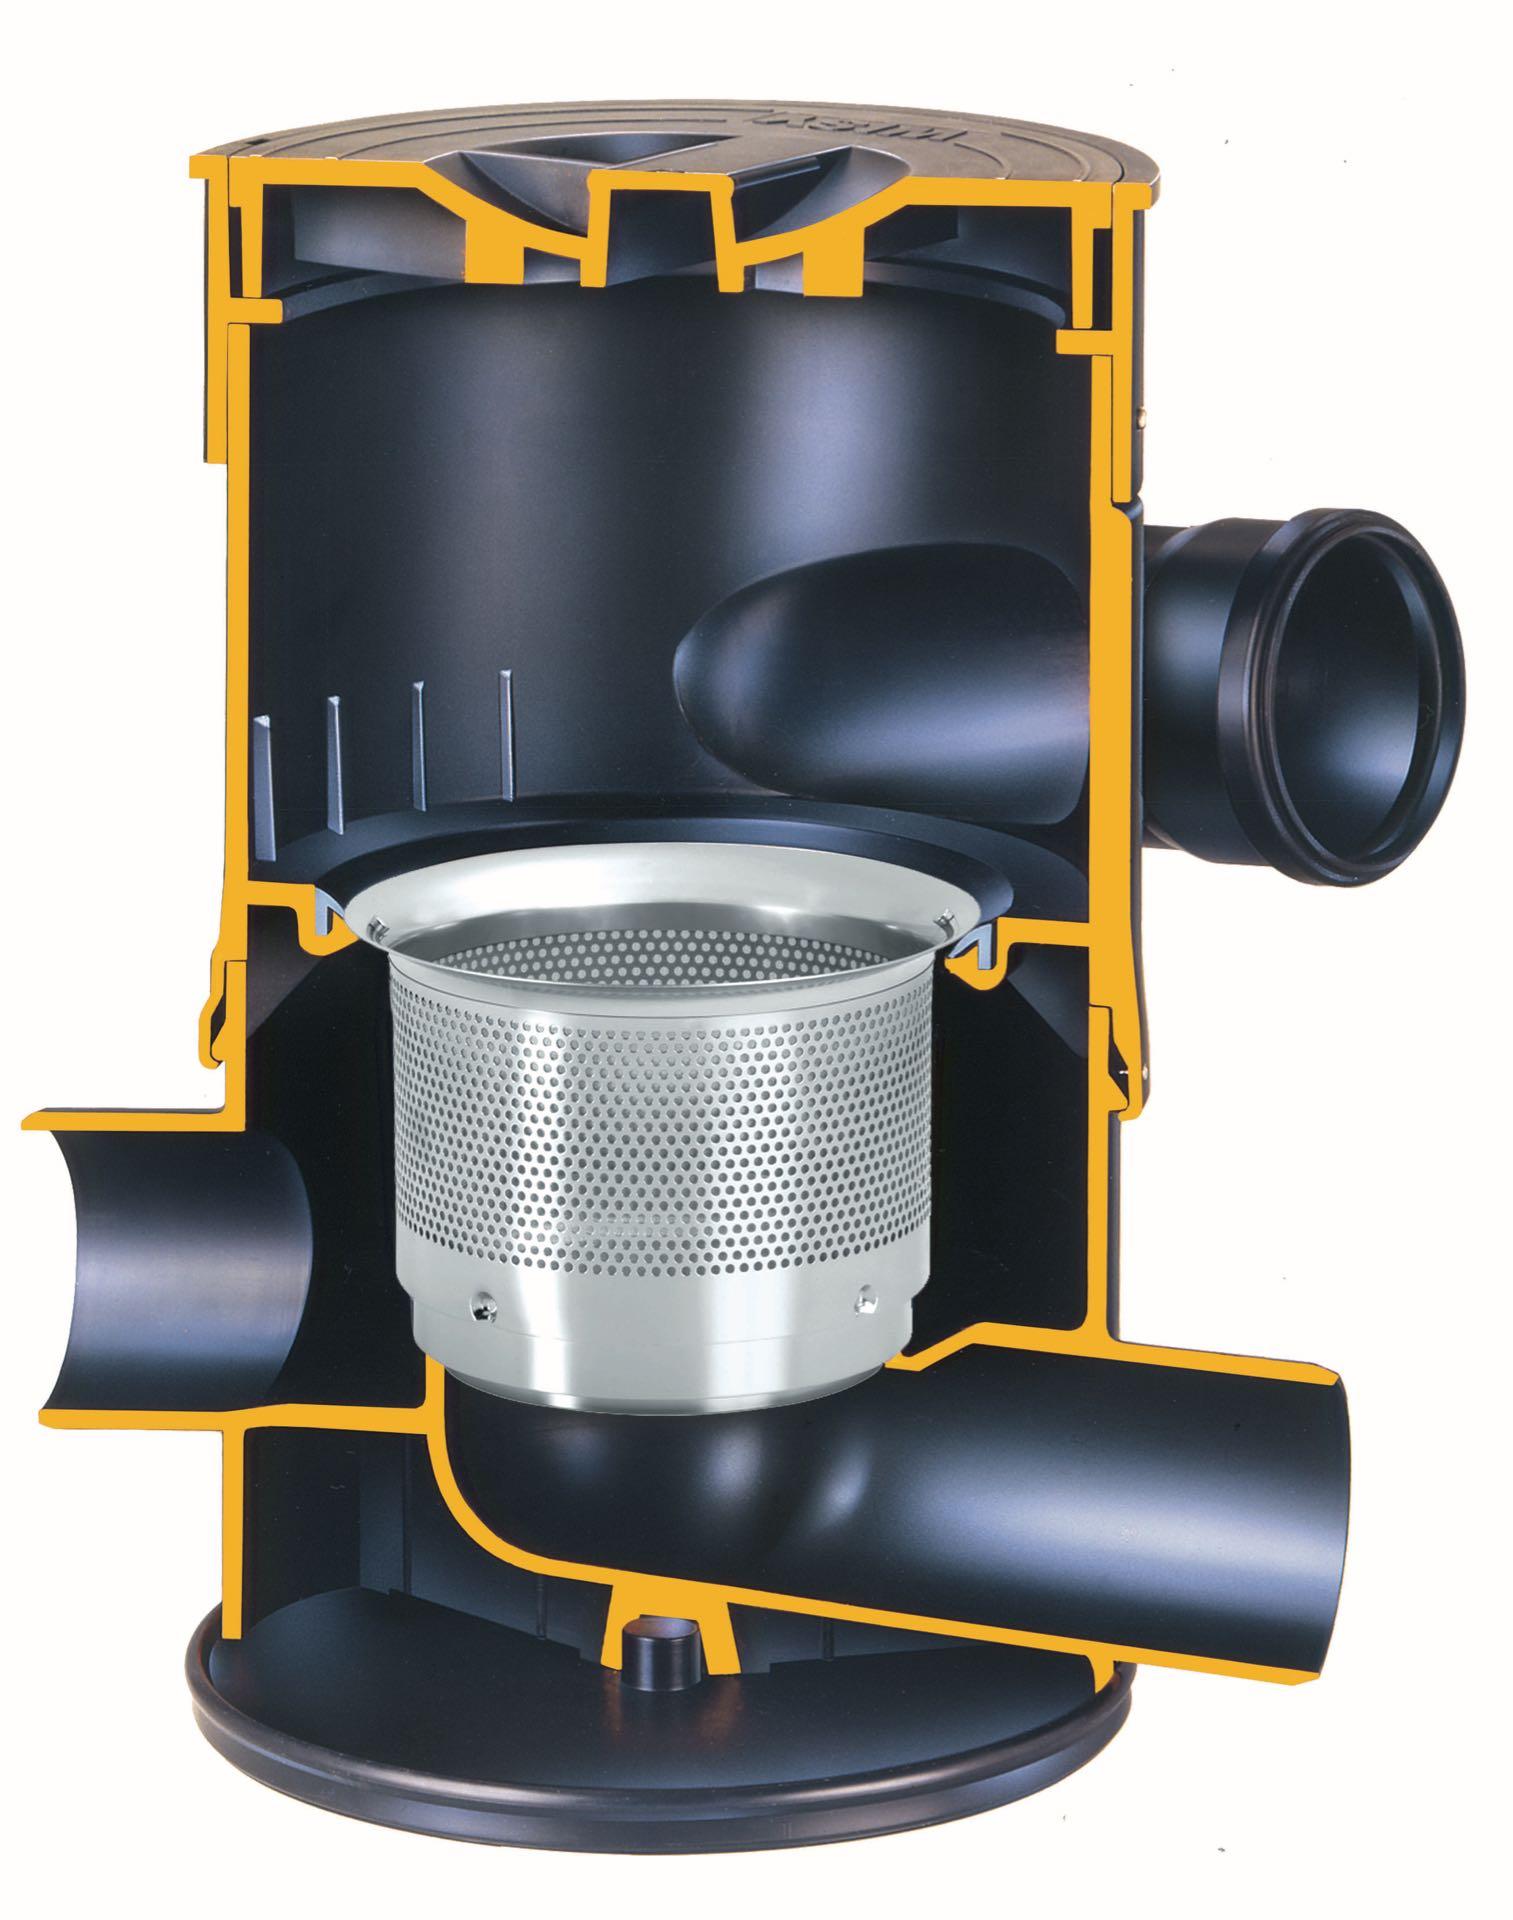 wisy Vířivý filtr WFF 100 Název: WFF 100, vířivý filtr, velikost ok 0,28 mm, včetně prodlužovacího kusu